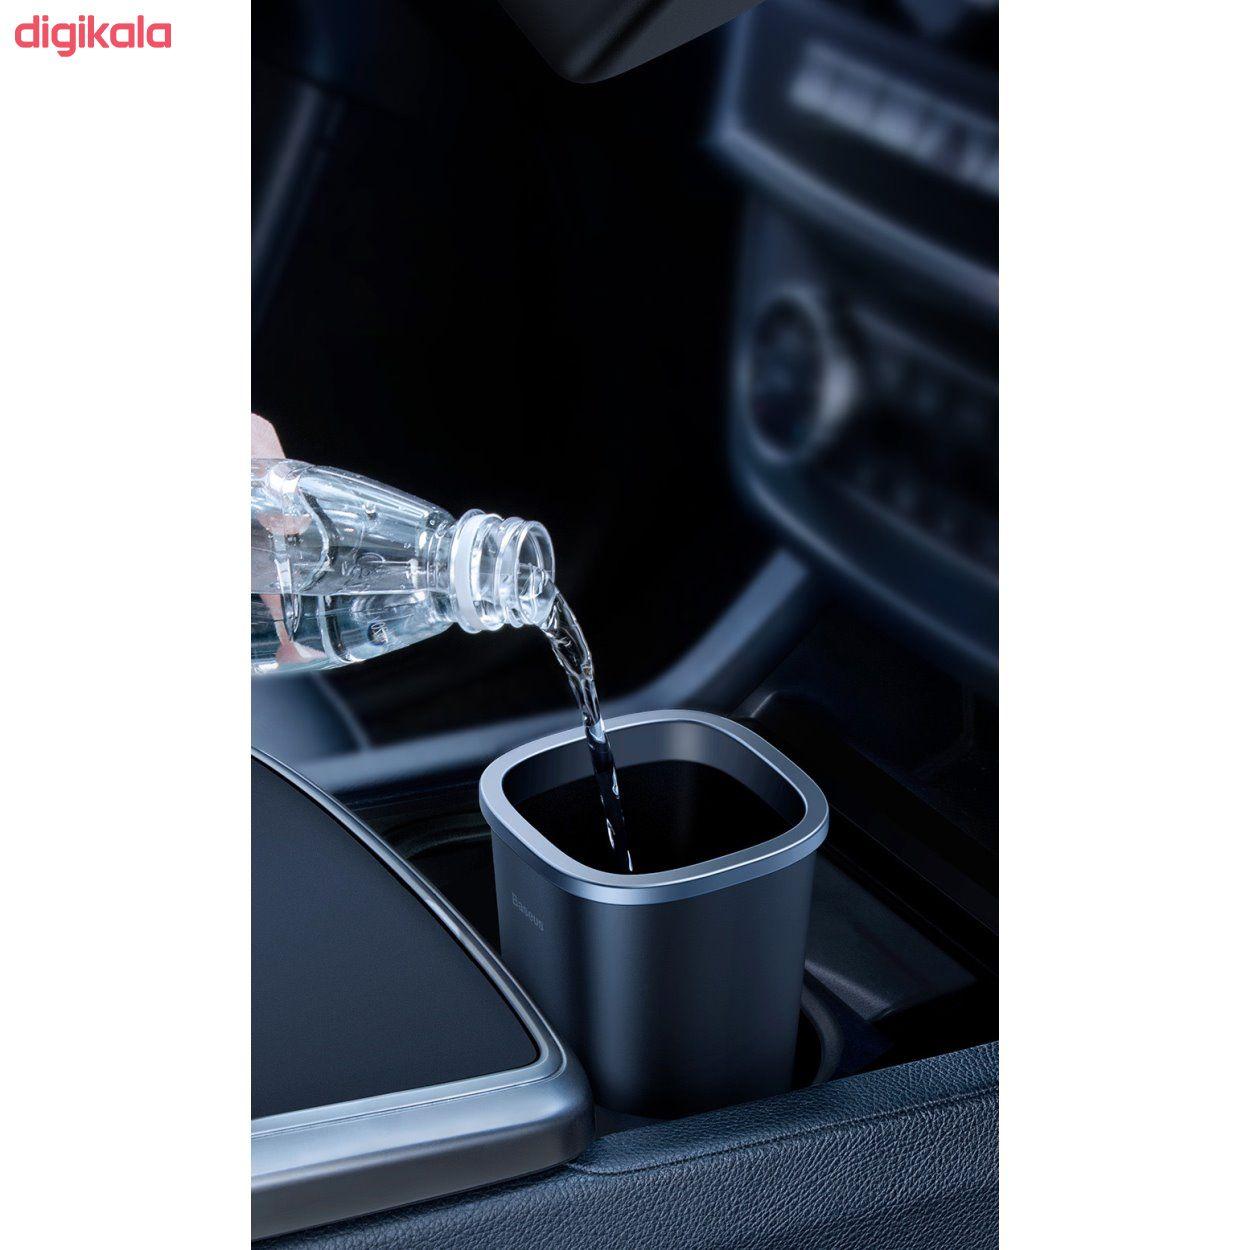 سطل زباله خودرو باسئوس مدل CRLJT_A01 main 1 1